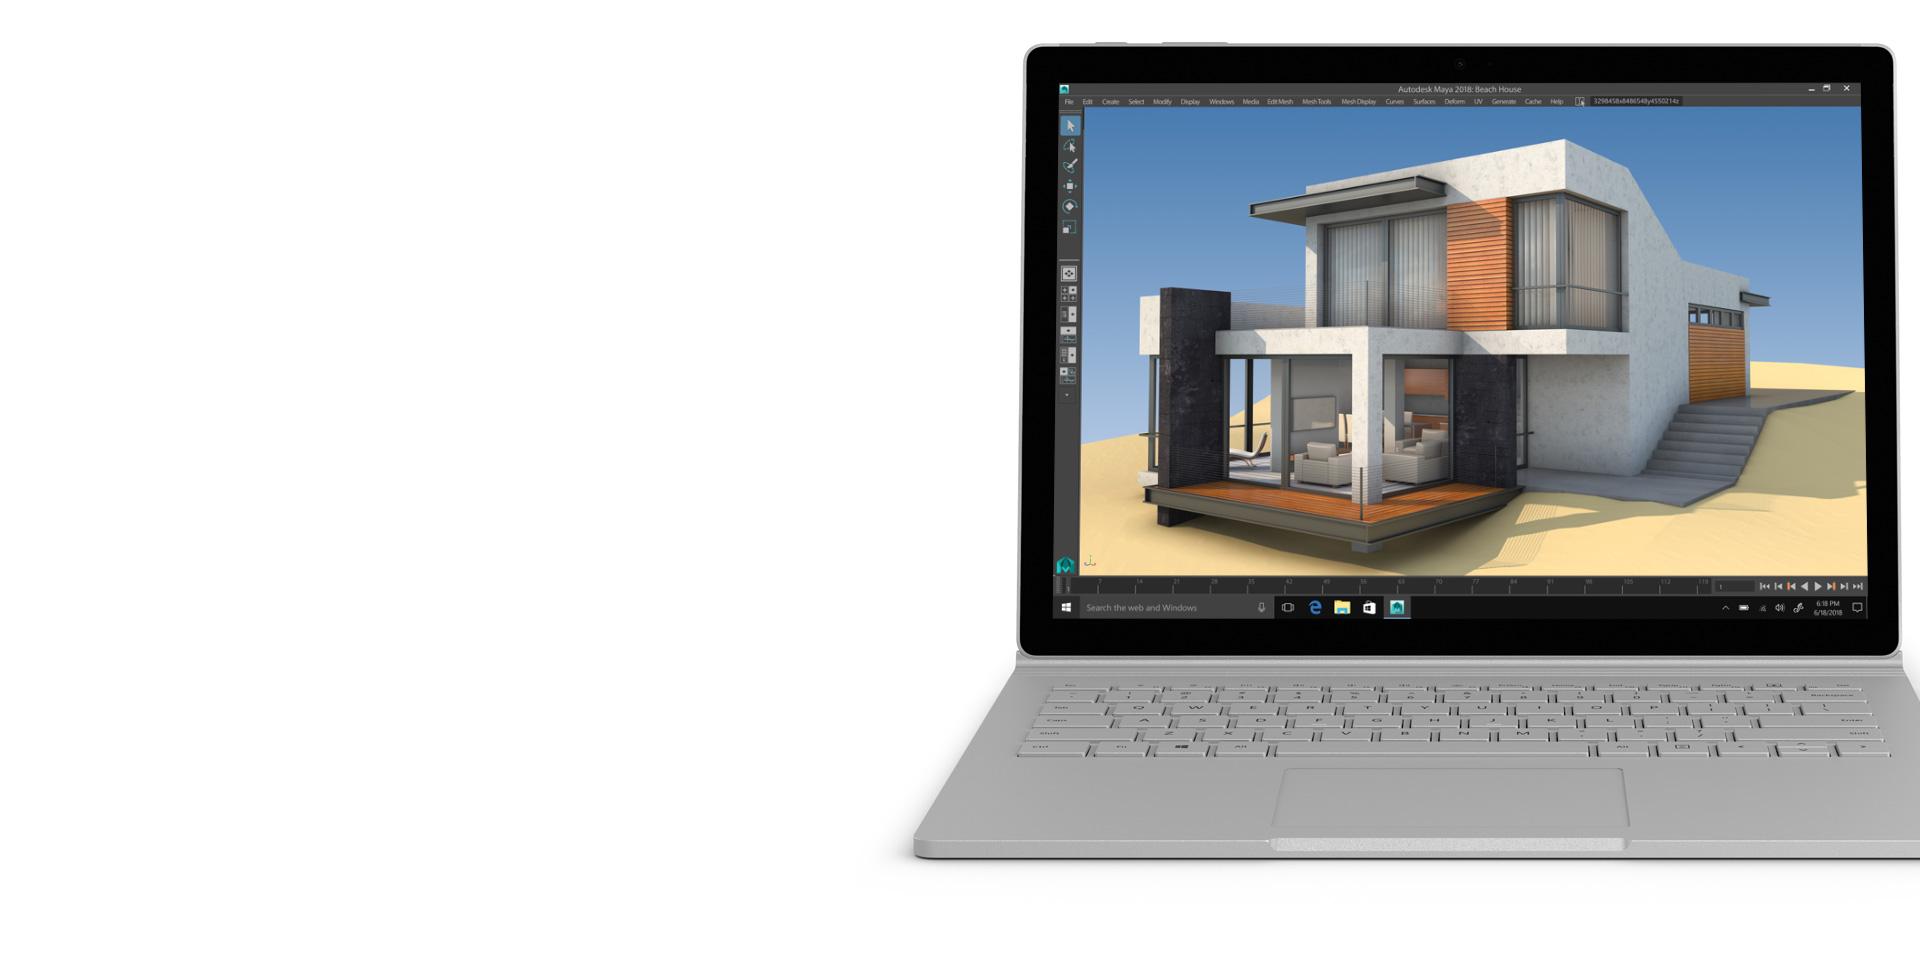 Autodesk Maya en la pantalla de Surface Book 2